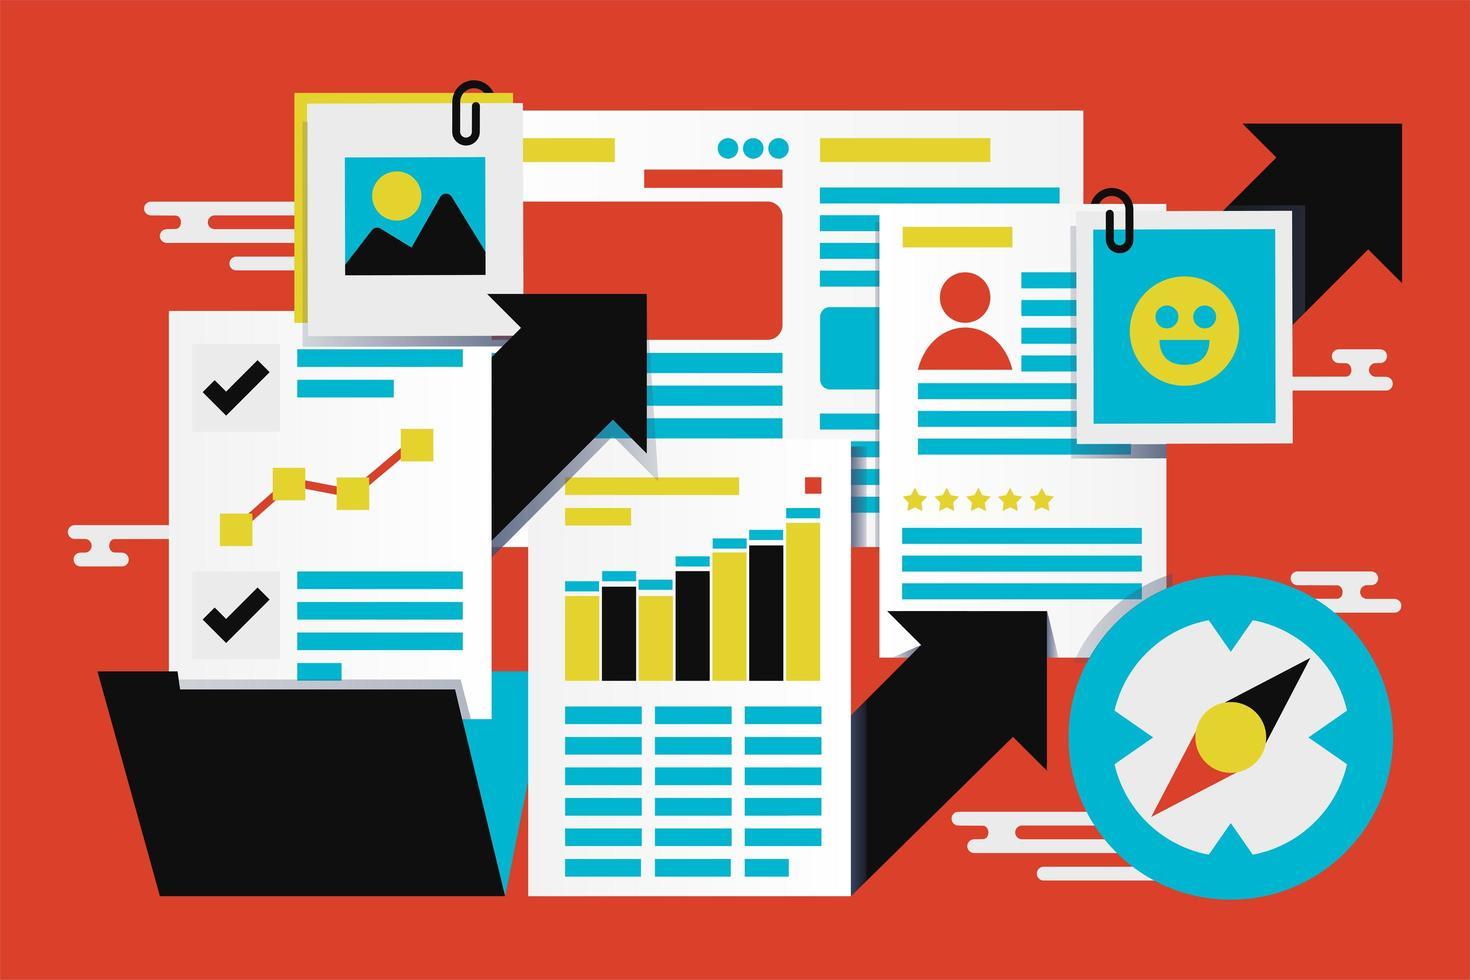 relatório de estatísticas da empresa ilustração vetorial abstrata vetor